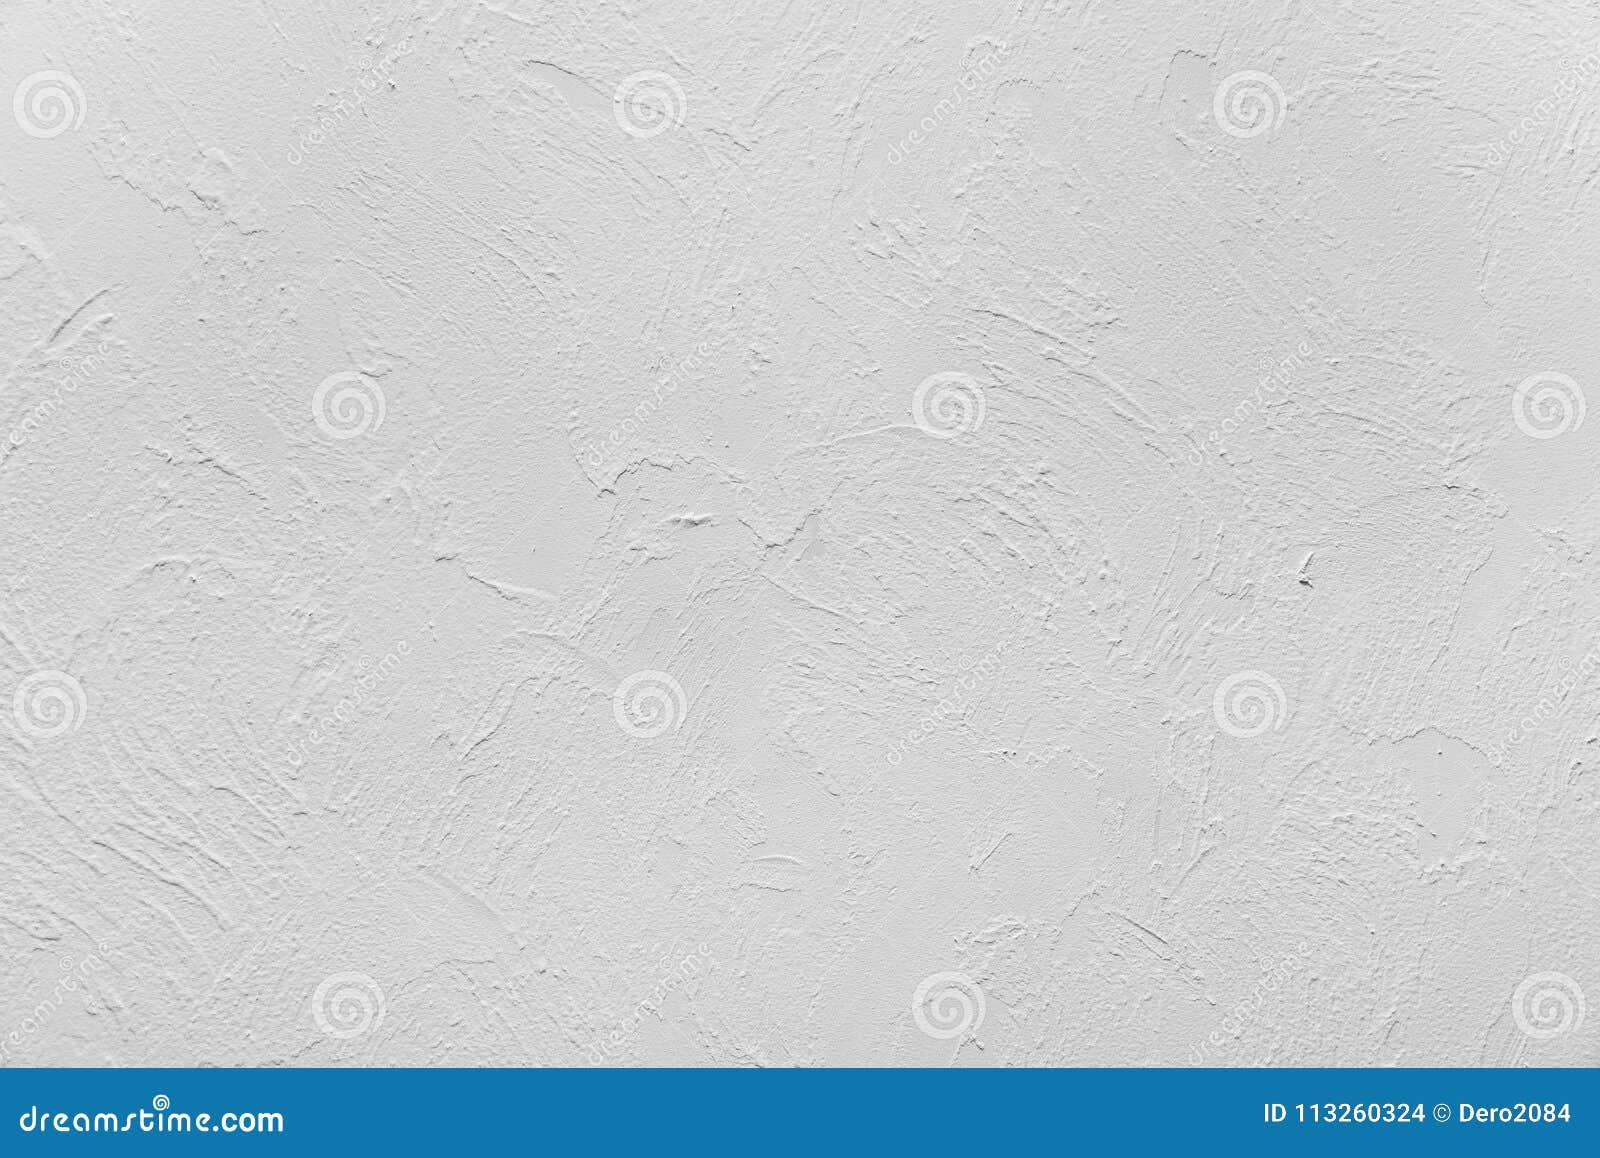 Próbka reliefowy dekoracyjny tynk na ścianie, wnętrze, naturalny kolor bez koloru tonowania kończącego, loft i techniki, styl